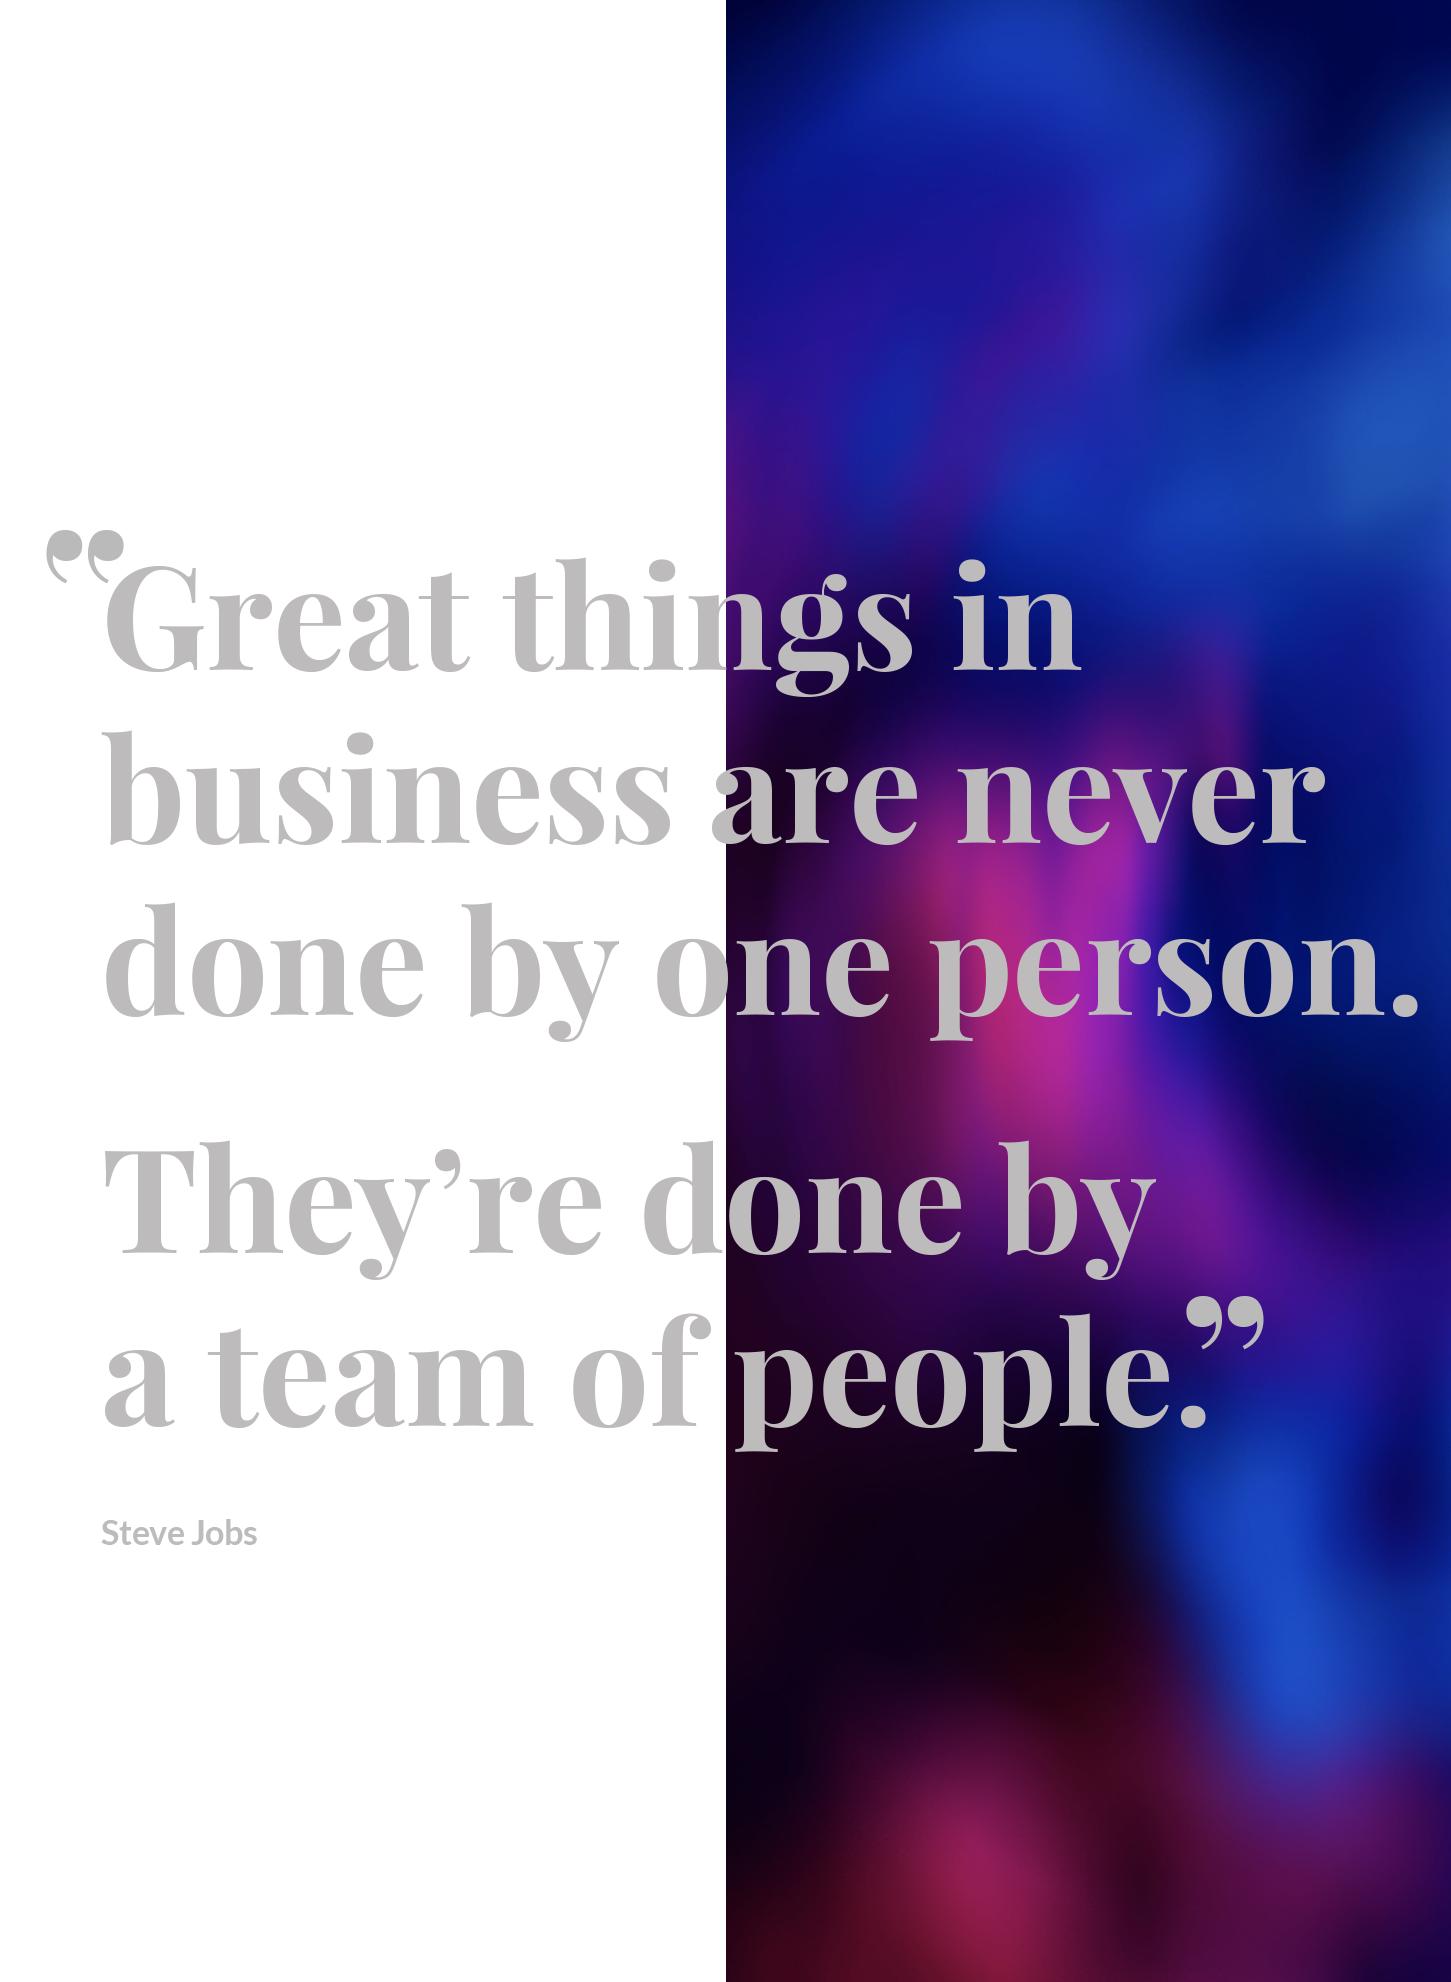 Langenhan - Steve Jobs Quote